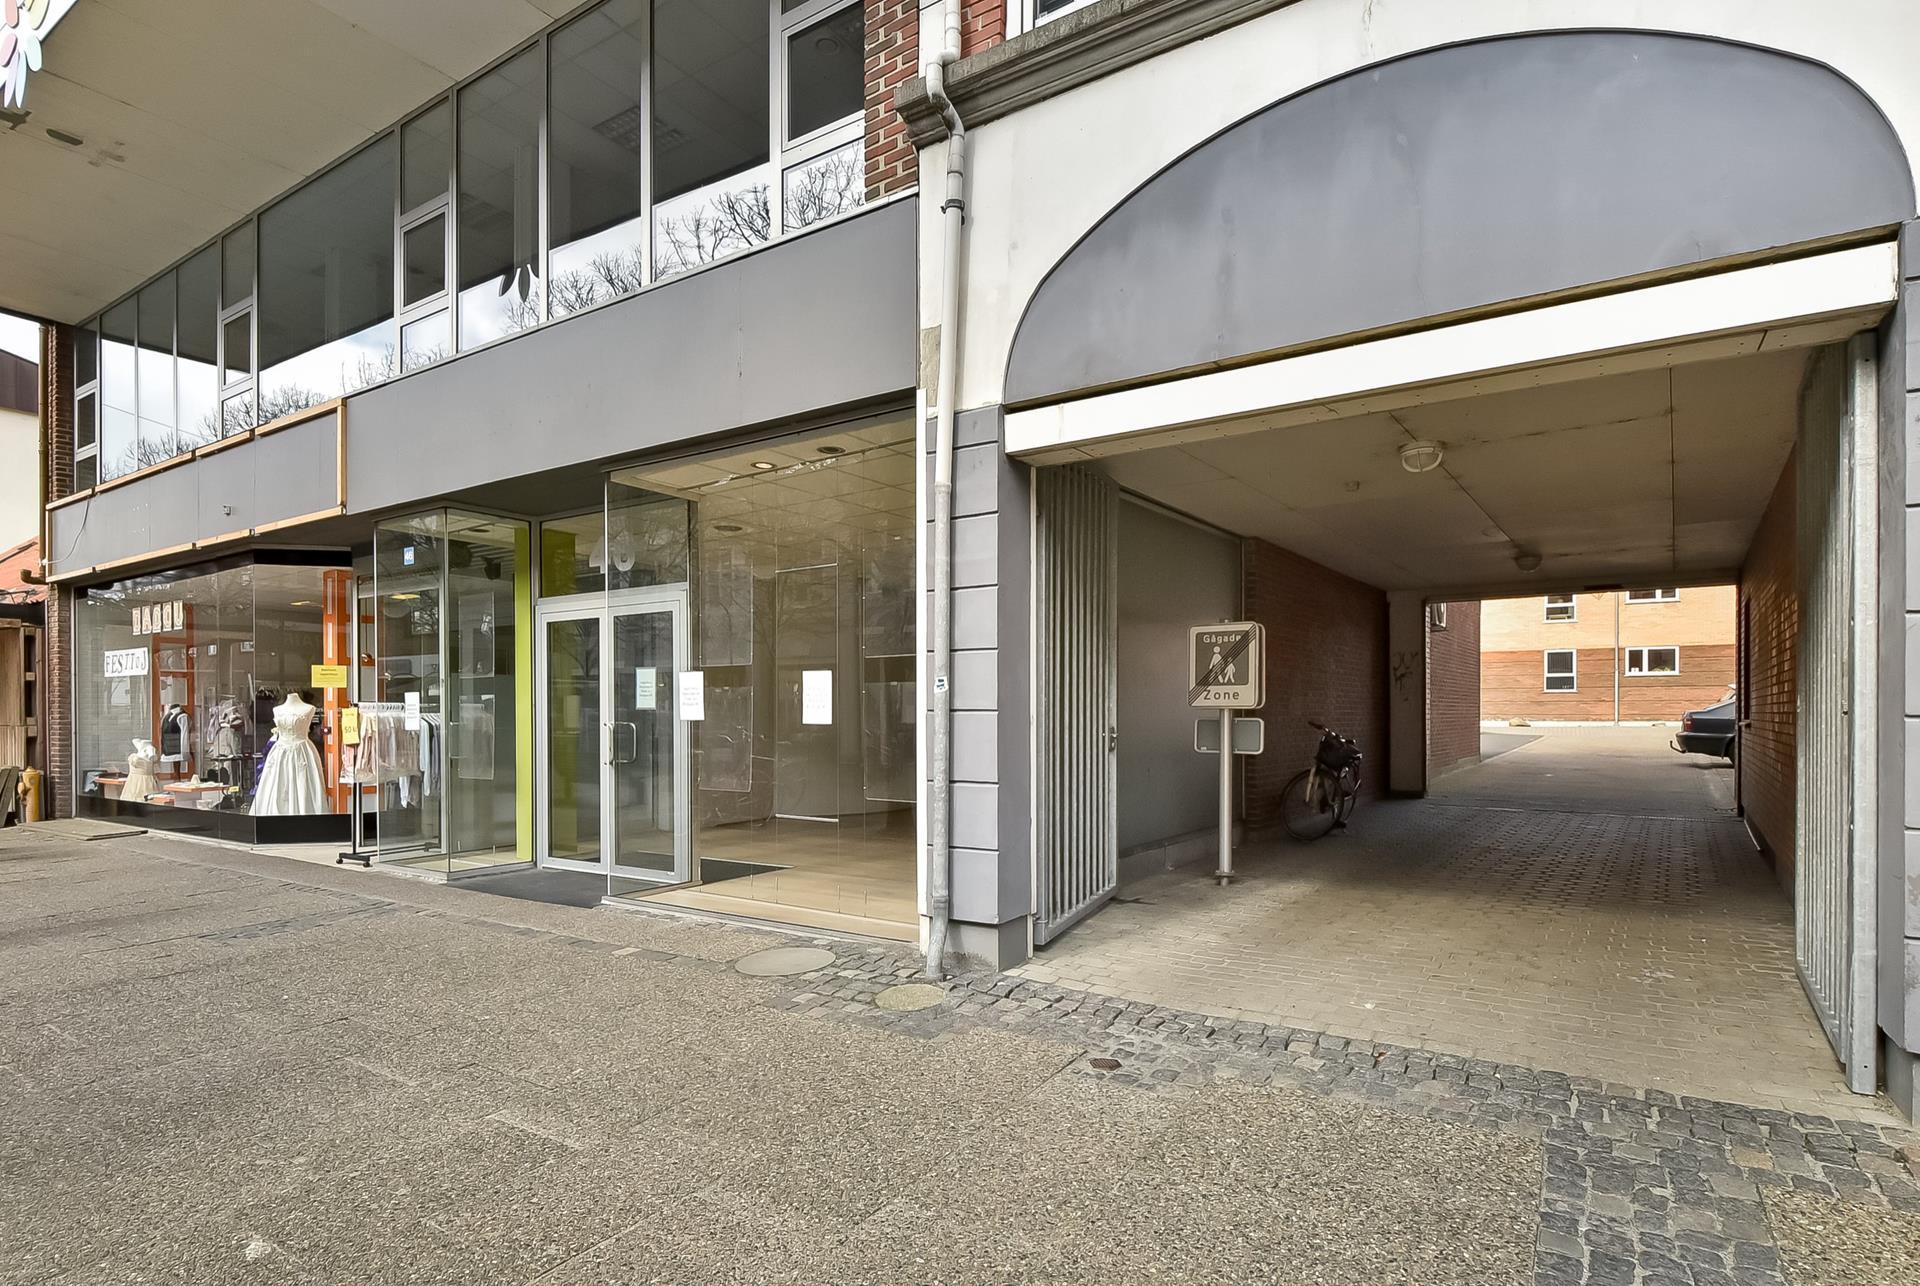 Bolig/erhverv på Bredgade i Herning - Ejendommen